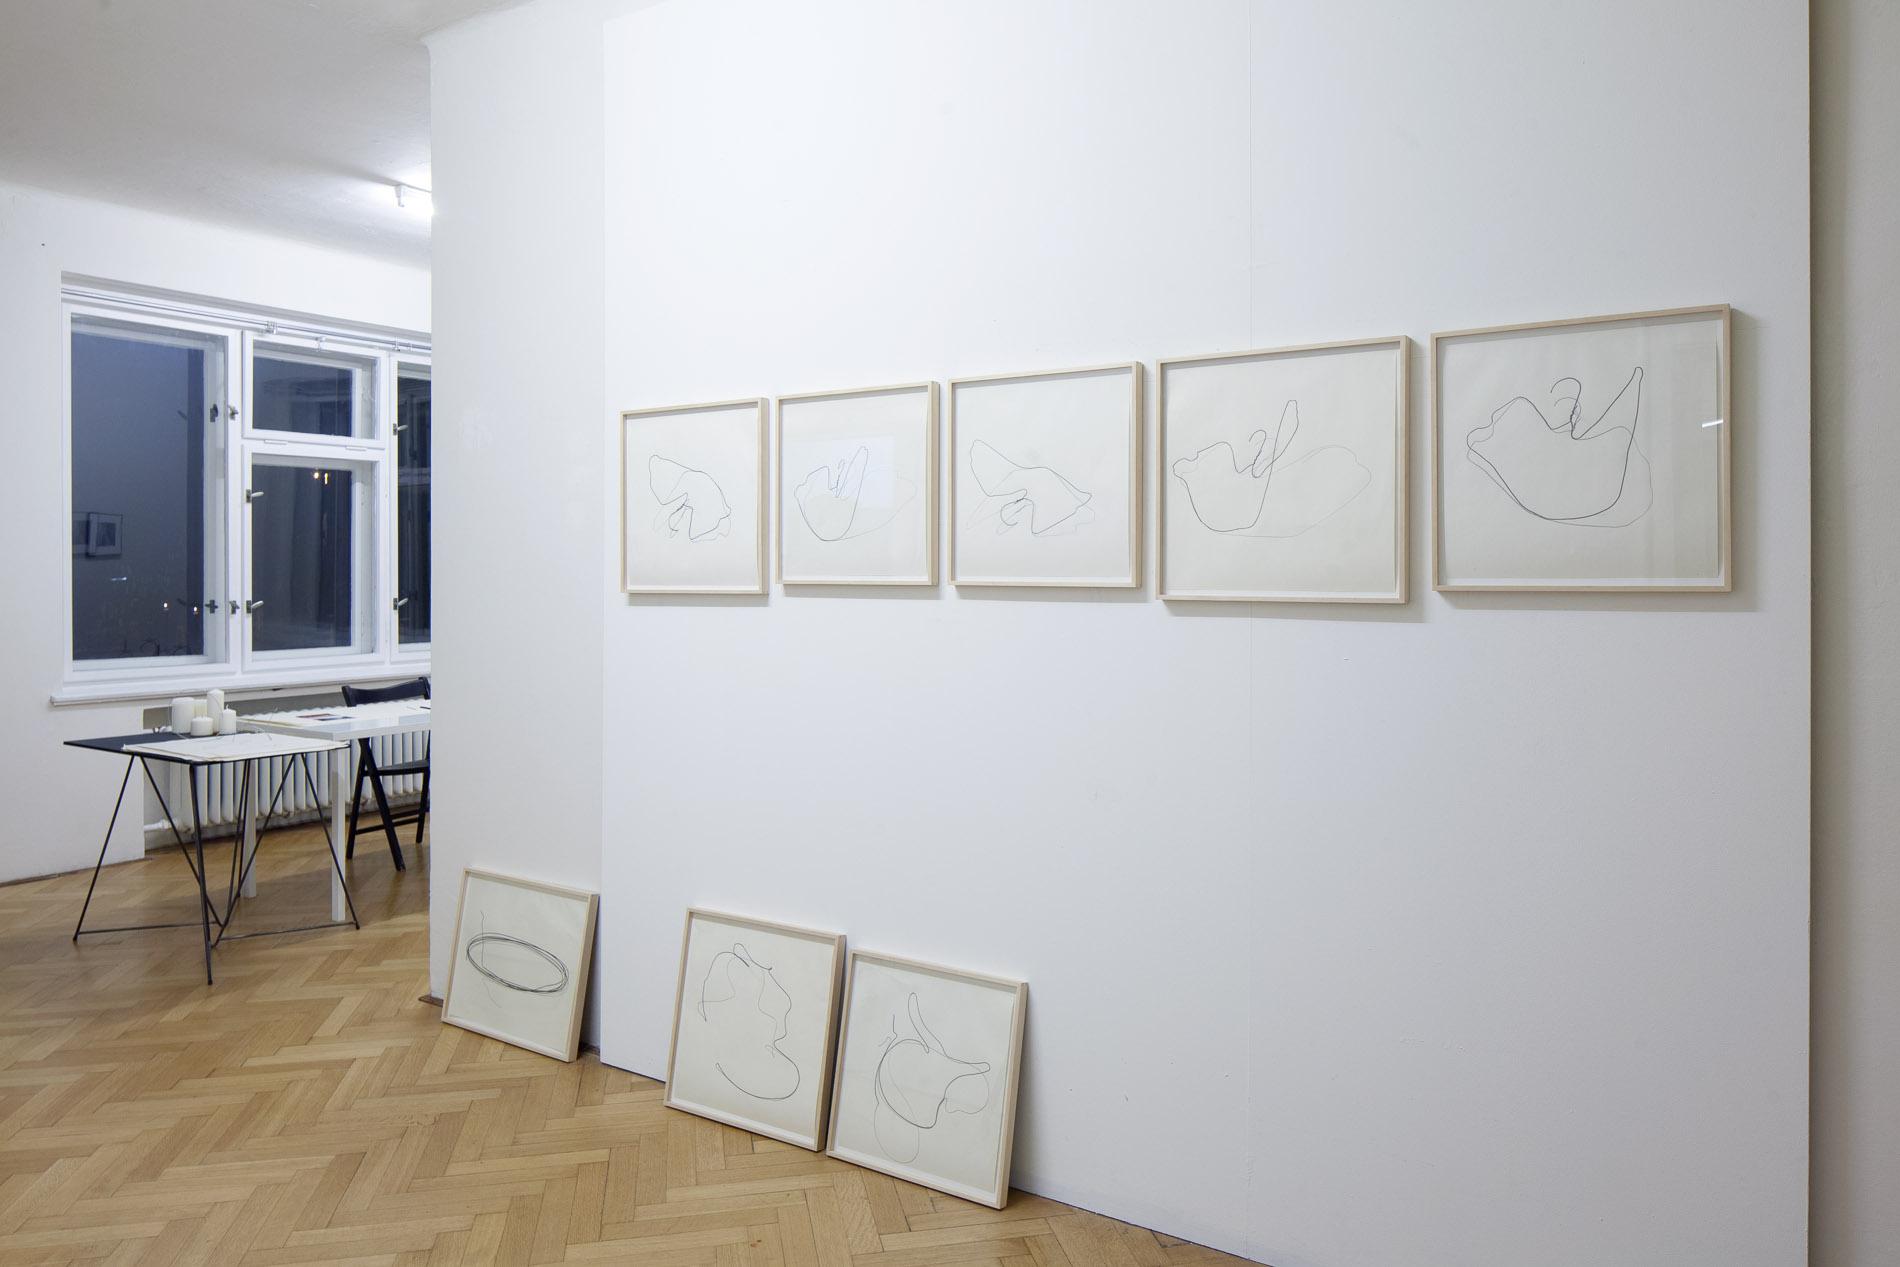 Rafał Bujnowski, Cukrovarnická 39, dzięki uprzejmości galerii SVIT